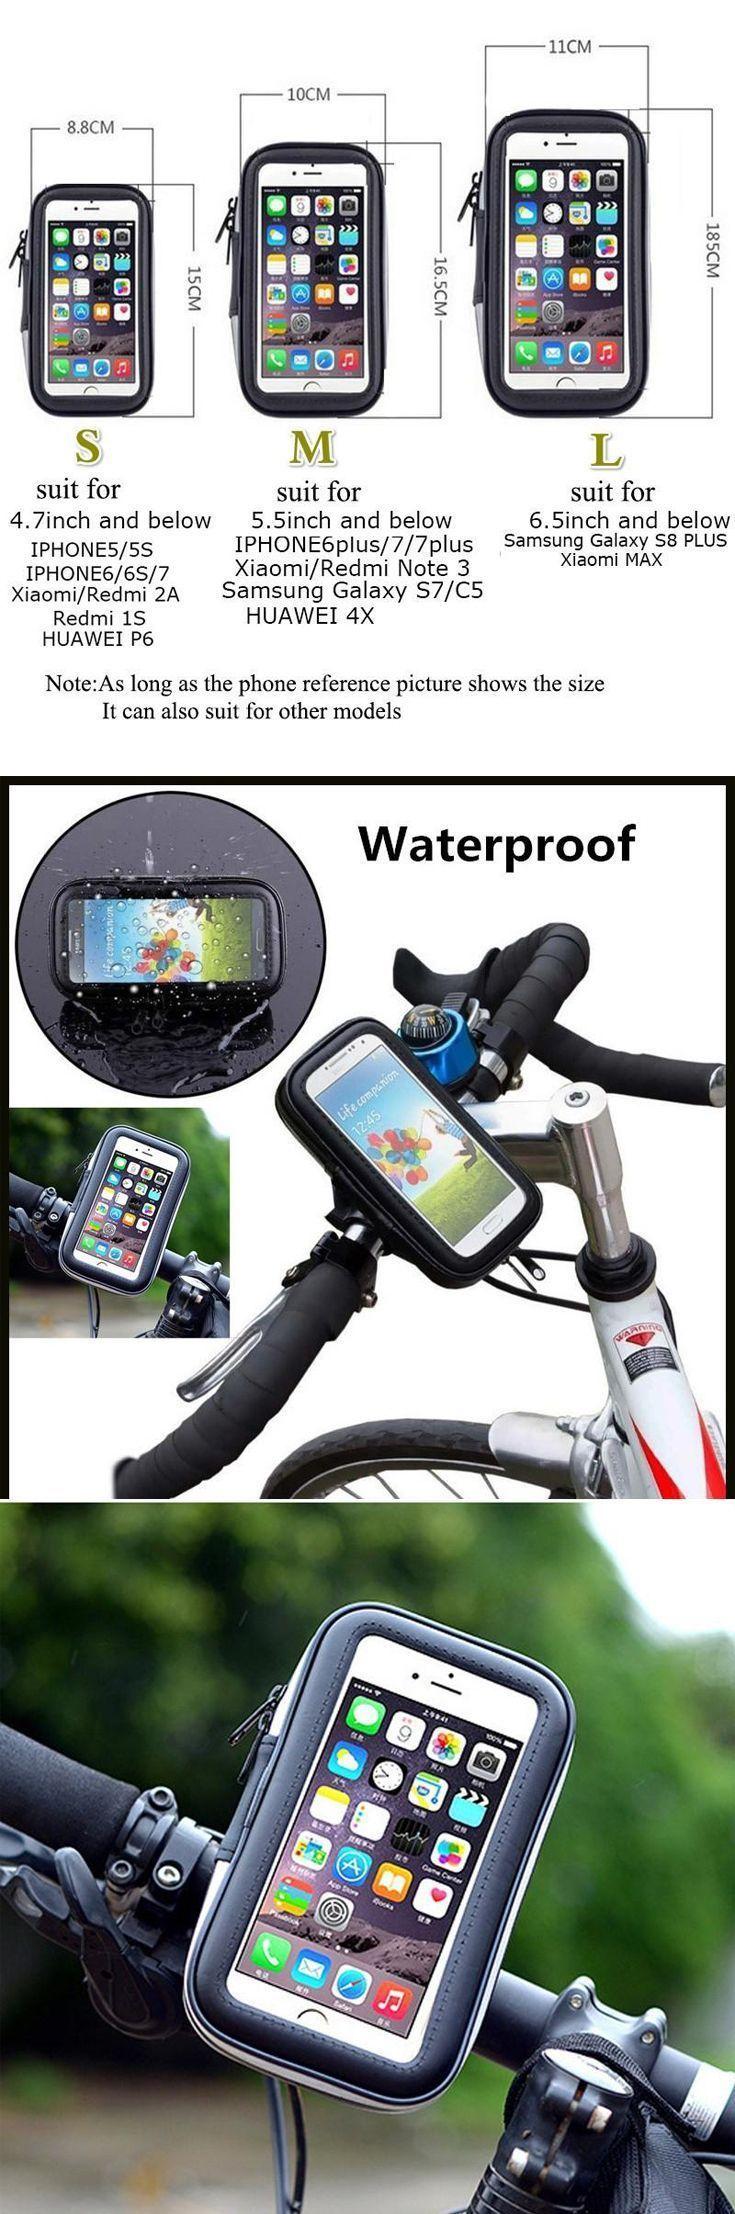 #Bag #Bike #Cell #Cycling #fitness #gleitscheiben #gleitscheiben fitness #Mobile #Bag #Bike #Cell #C...